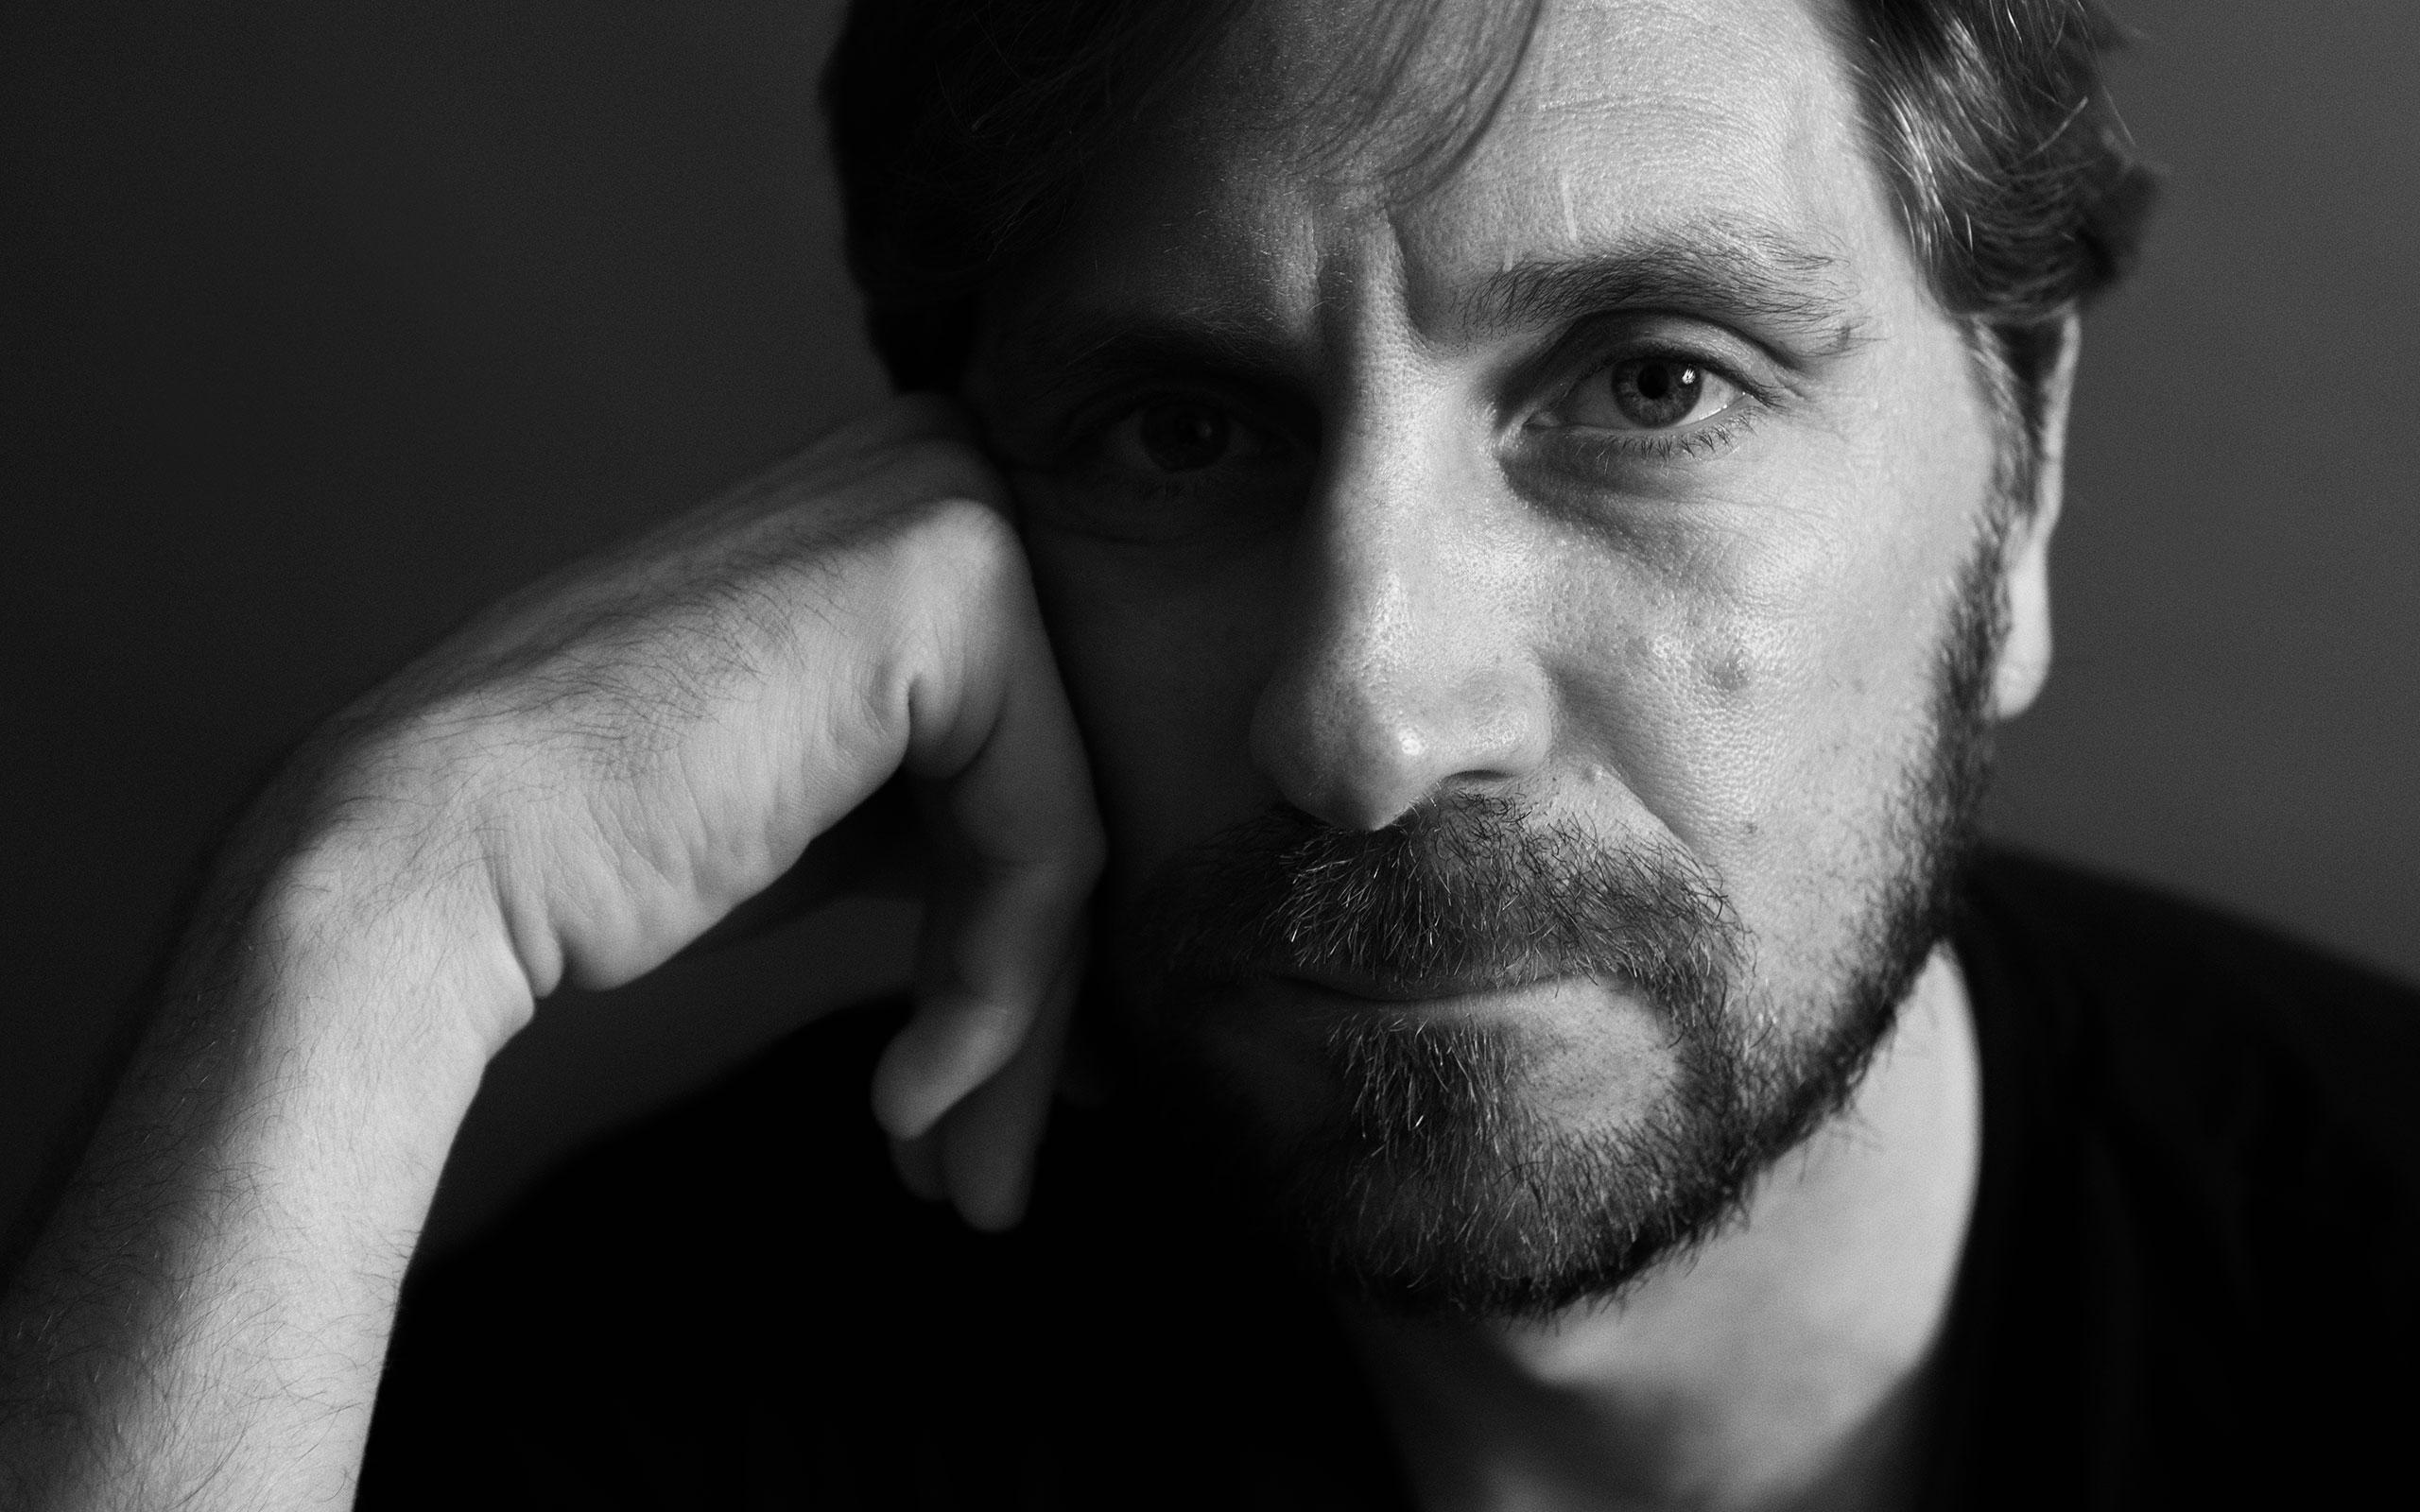 【インタビュー】リューベン・オストルンド:『ザ・スクエア 思いやりの聖域』は、社会を通して自分を映す鏡。